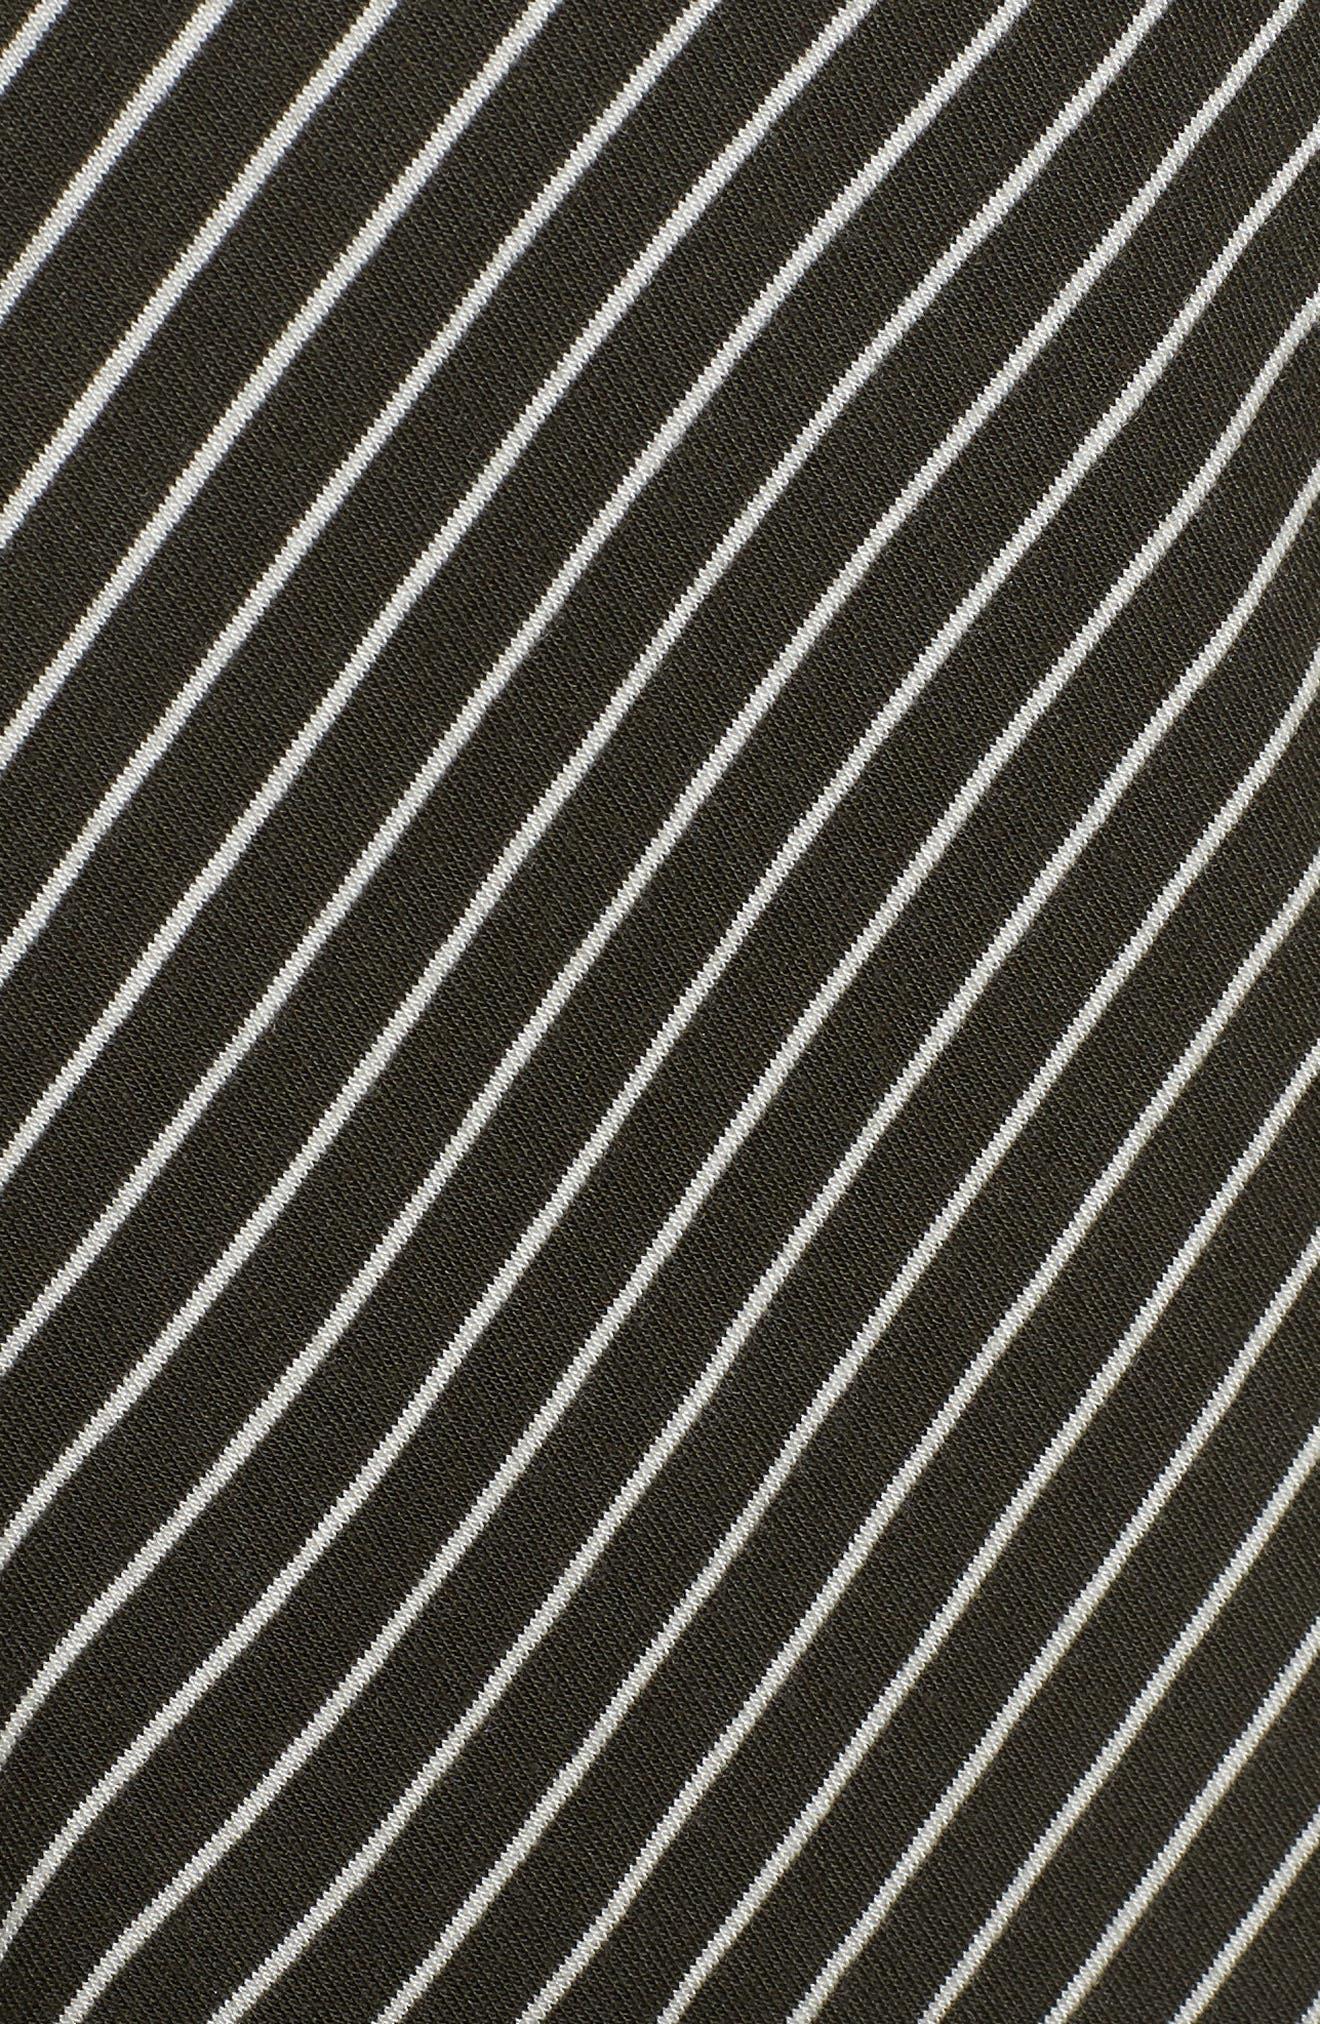 Chevron Stripe Midi Dress,                             Alternate thumbnail 6, color,                             OLIVE/IVORY